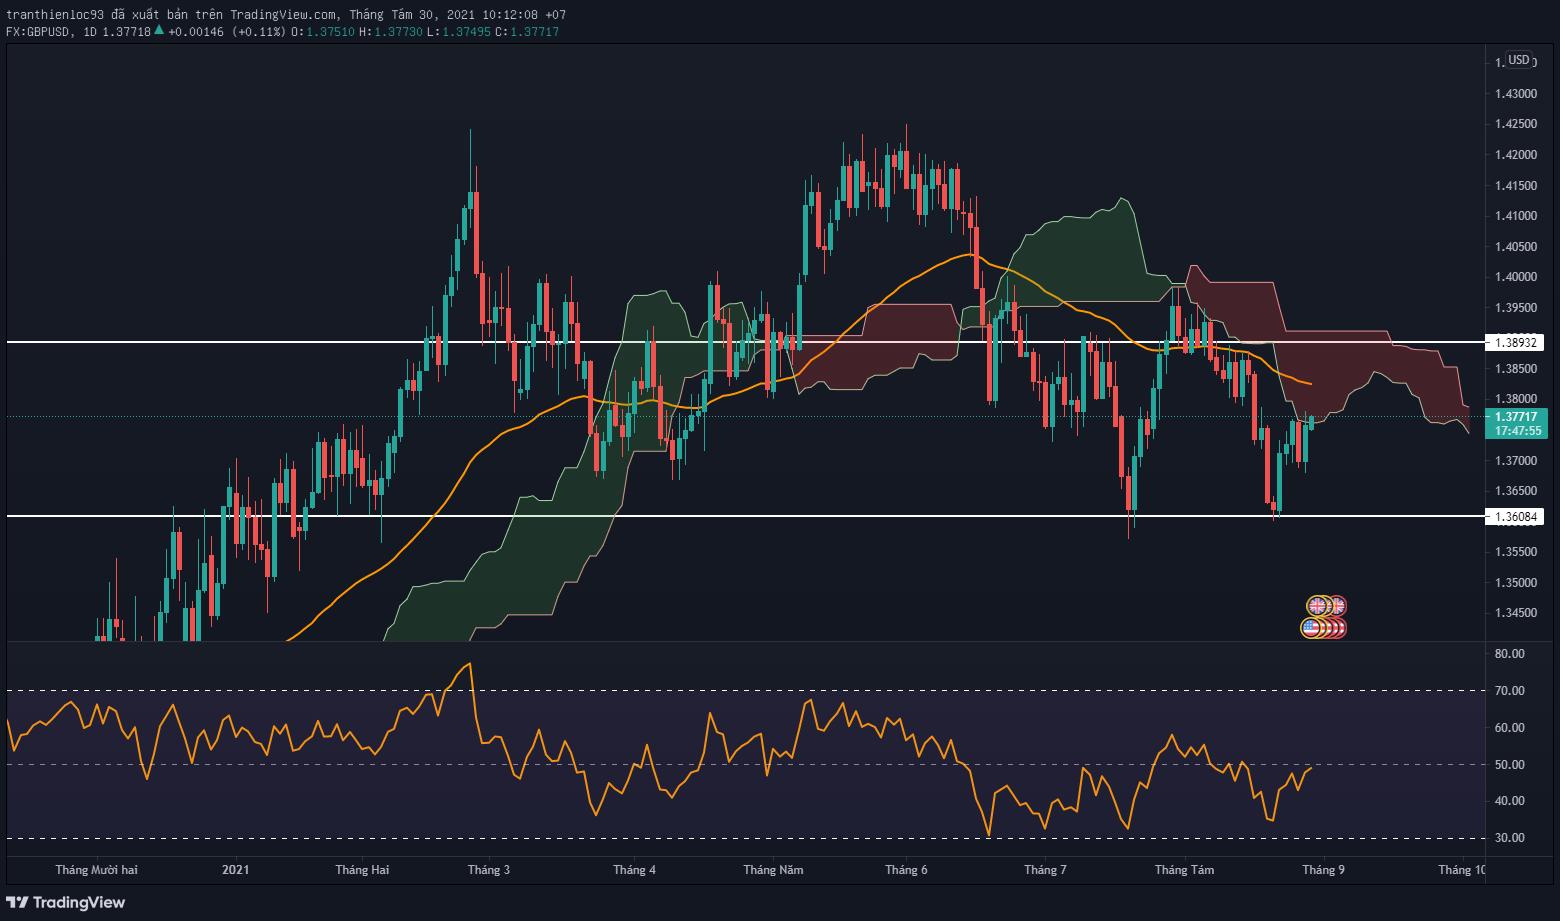 GBP/USD khung D1 xu hướng có thể đi ngang sau khi tăng mạnh